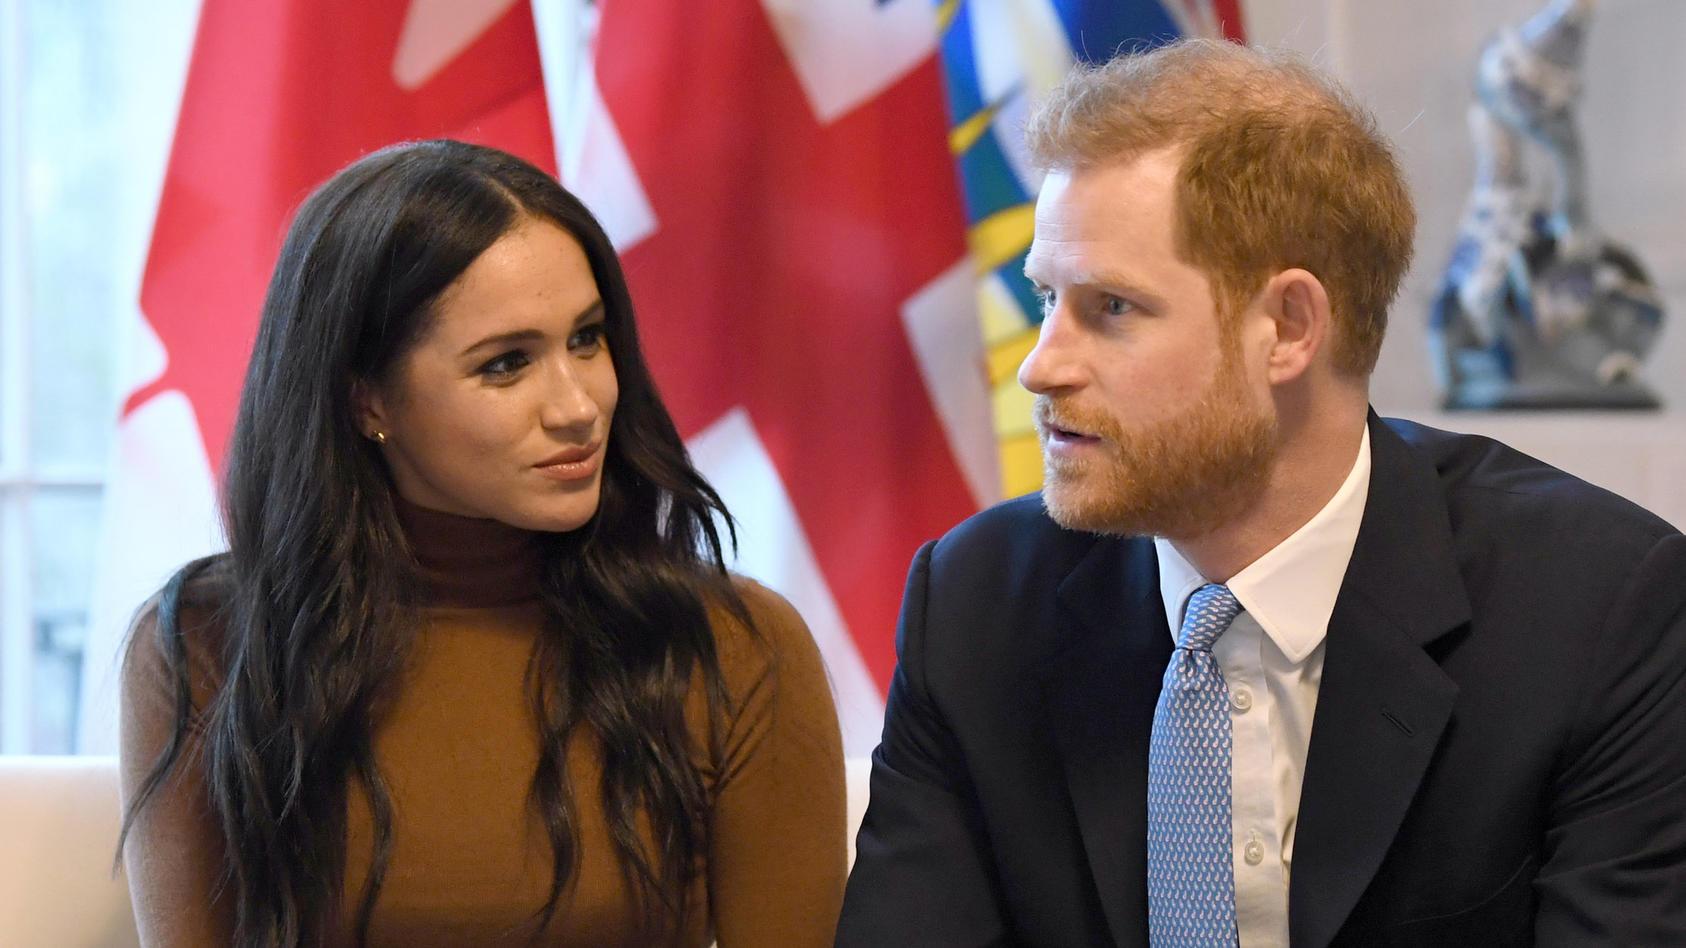 Herzogin Meghan und Prinz Harry müssen sich einen anderen Namen für ihre gemeinnützige Organisation aussuchen.